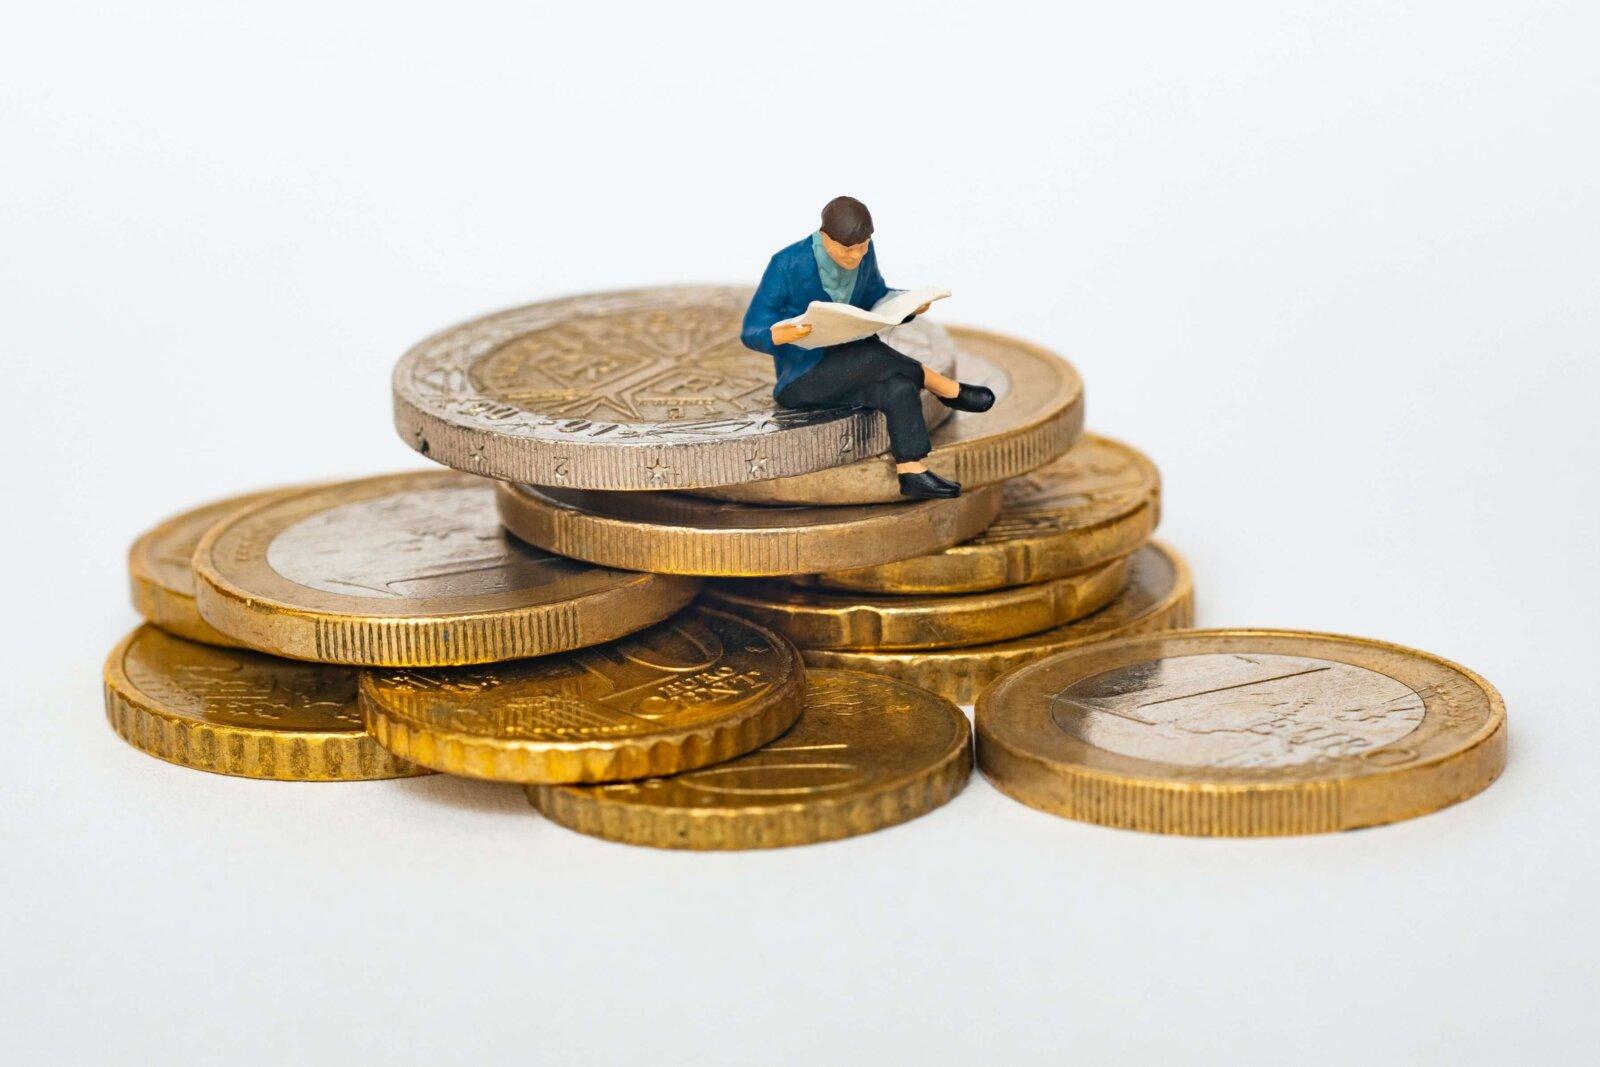 Как заработать на инвестициях: советы+способы